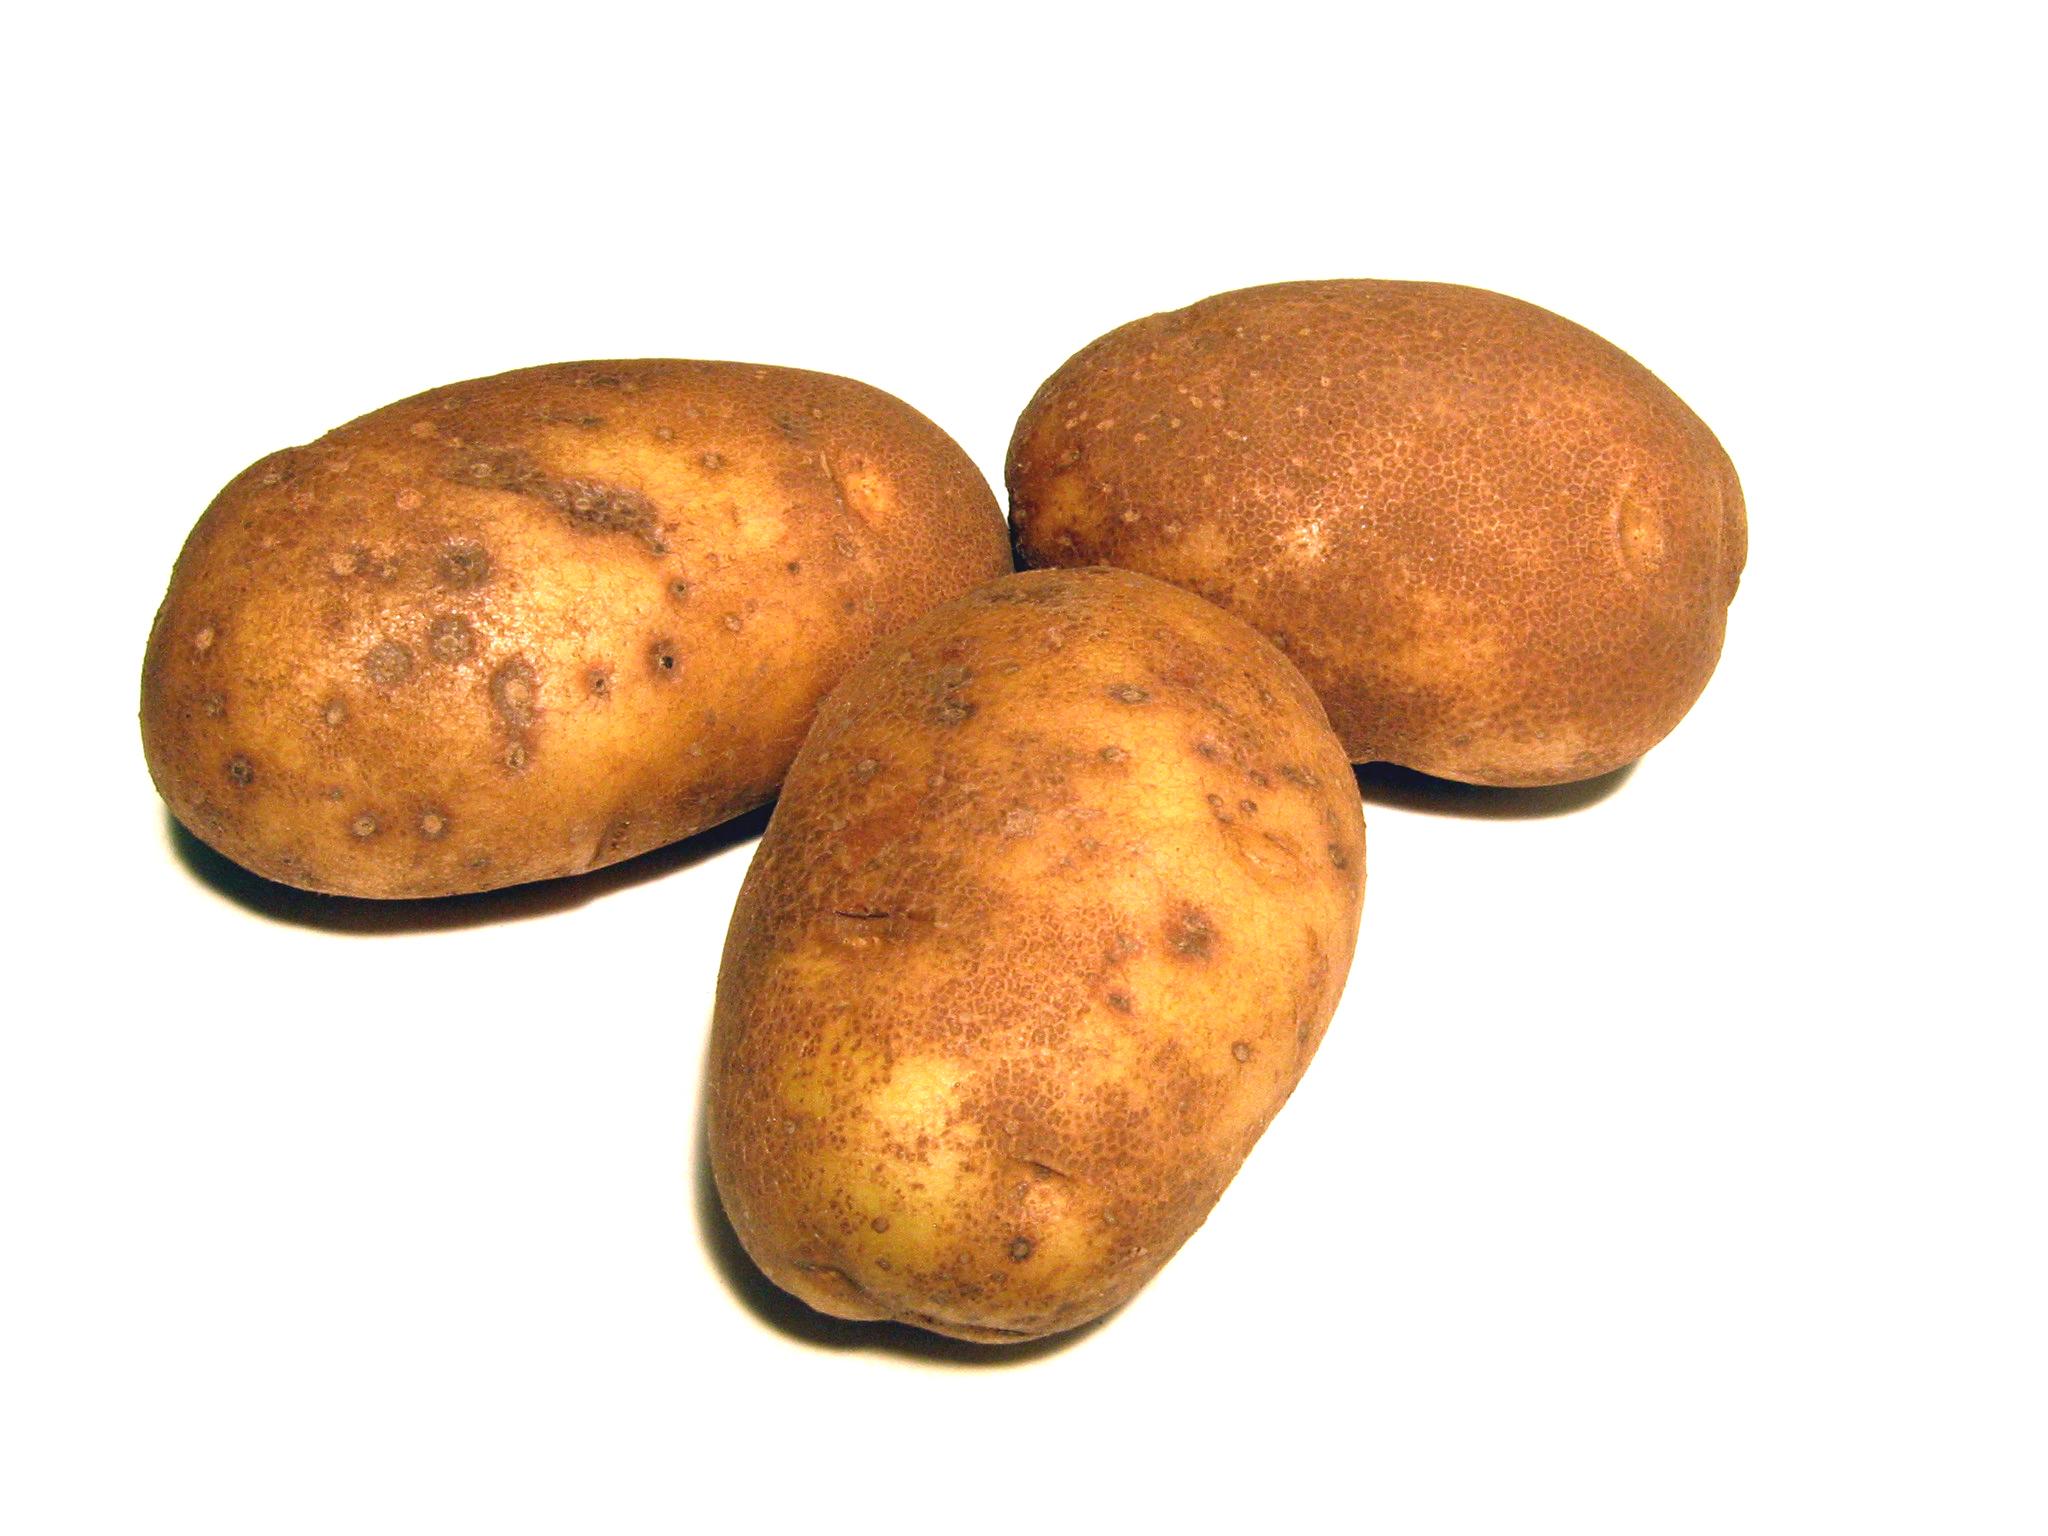 овощи картошка картинки считают, что если